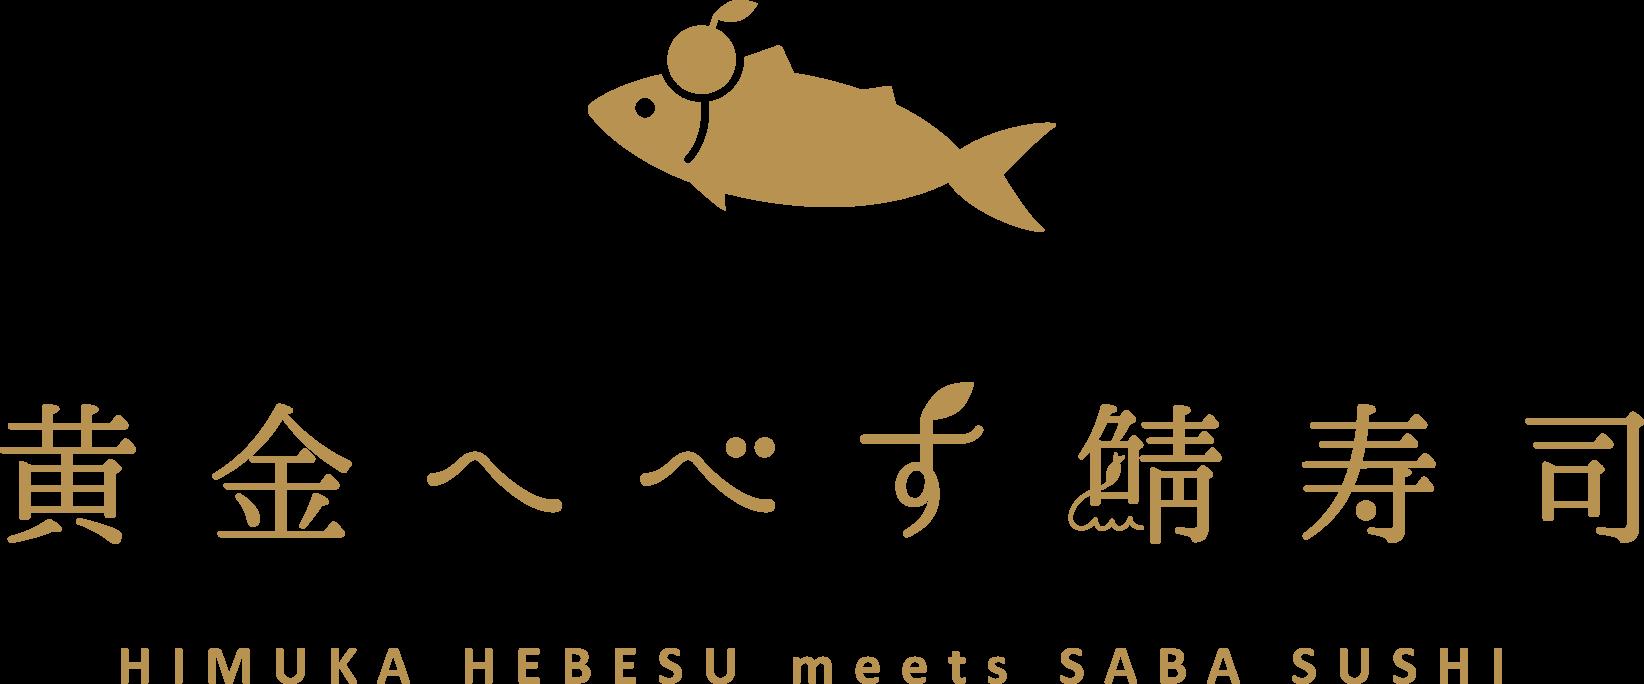 黄金へべす鯖寿司